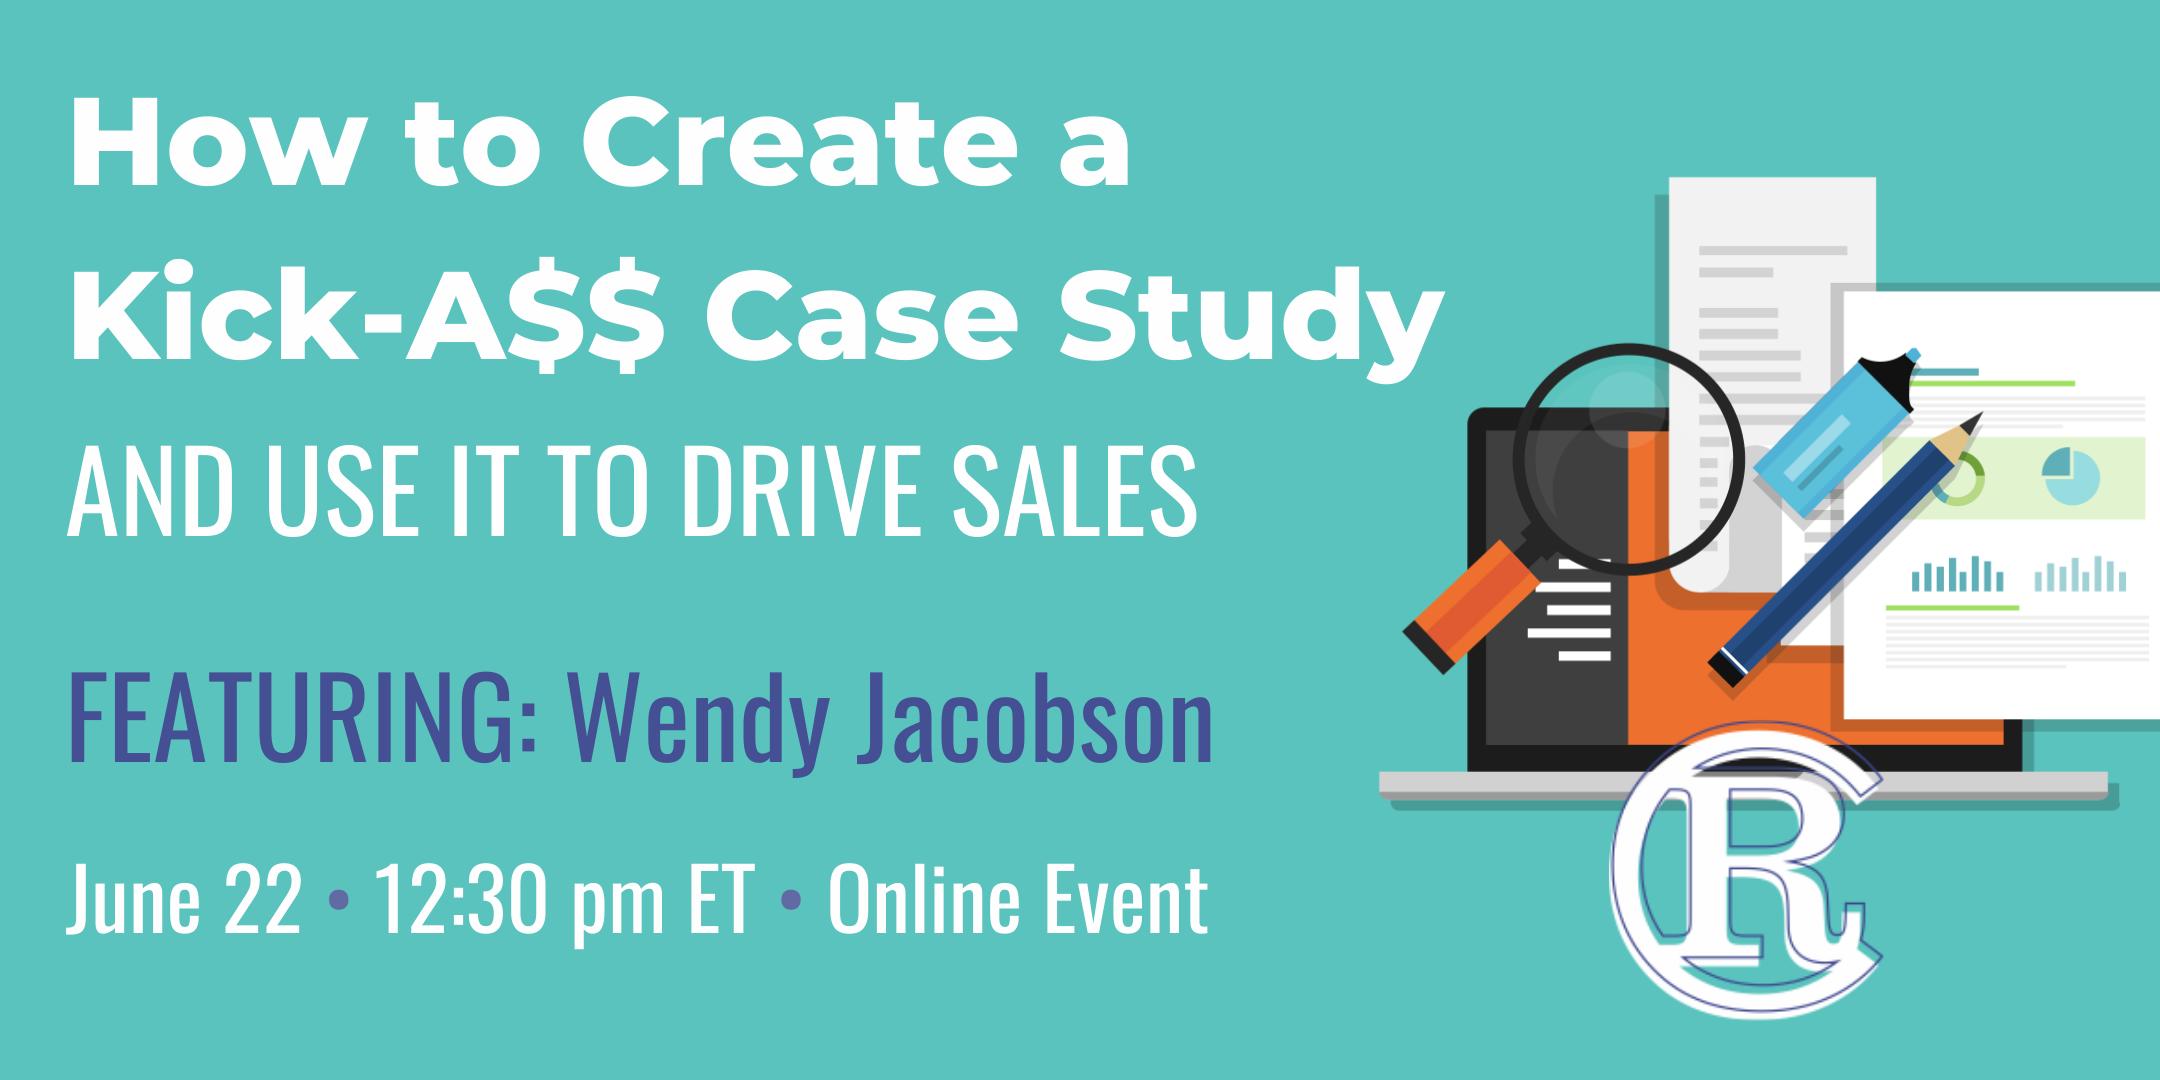 Create a case study